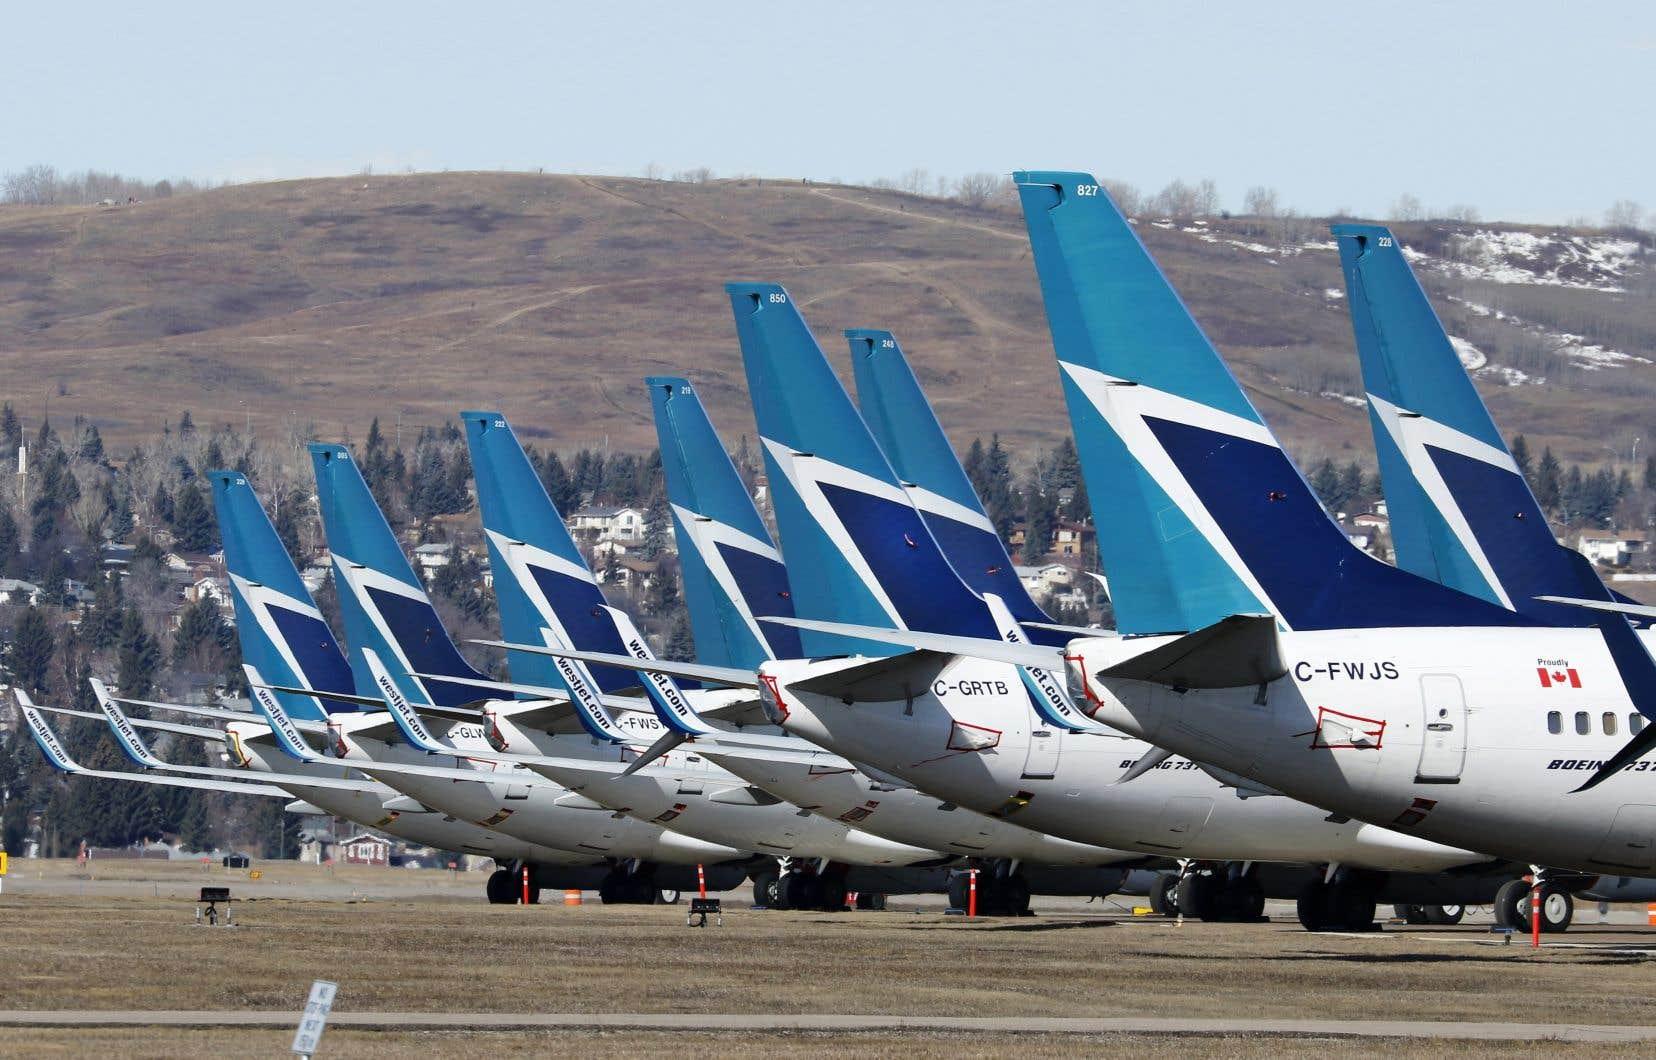 WestJet, qui réduira de 80% sa capacité dans les Maritimes, se retirera des aéroports deMoncton, Fredericton, Sydney et Charlottetown.